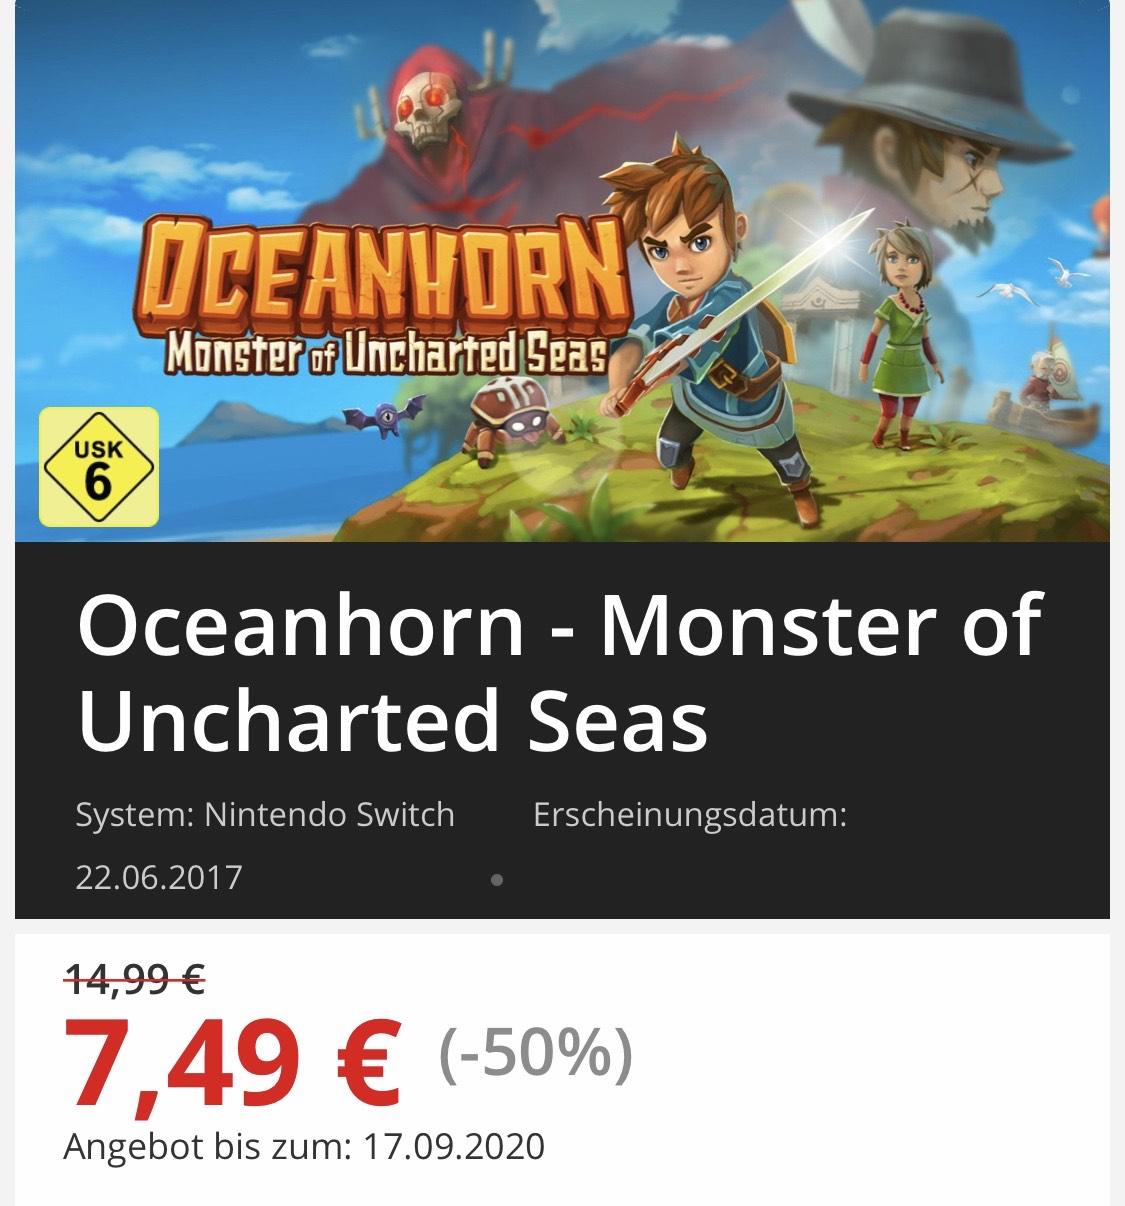 Oceanhorn - Monster of Uncharted Seas Switch eShop